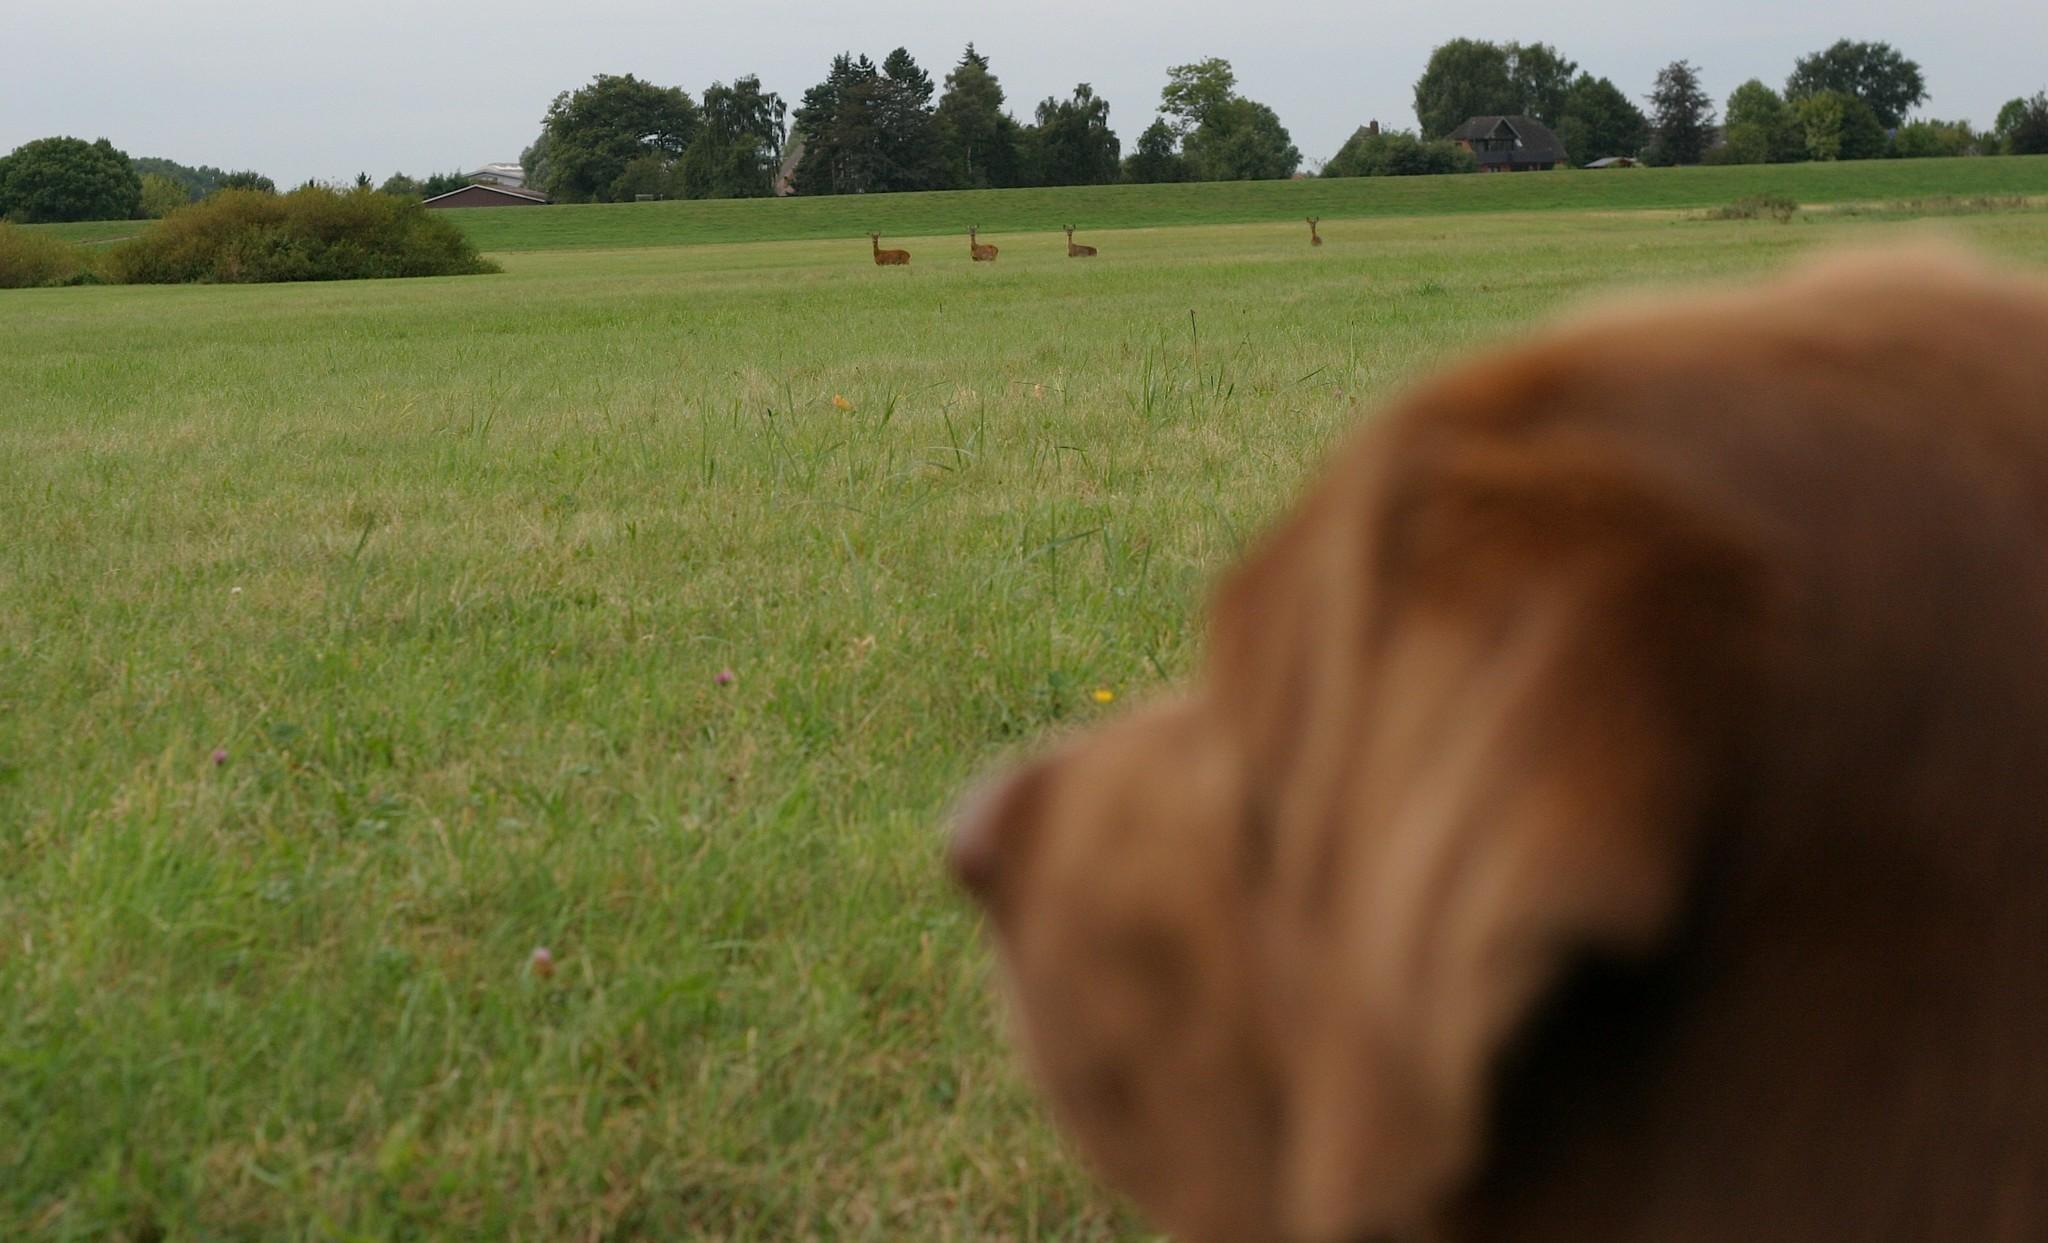 Hund und Jagdverhalten verhindern